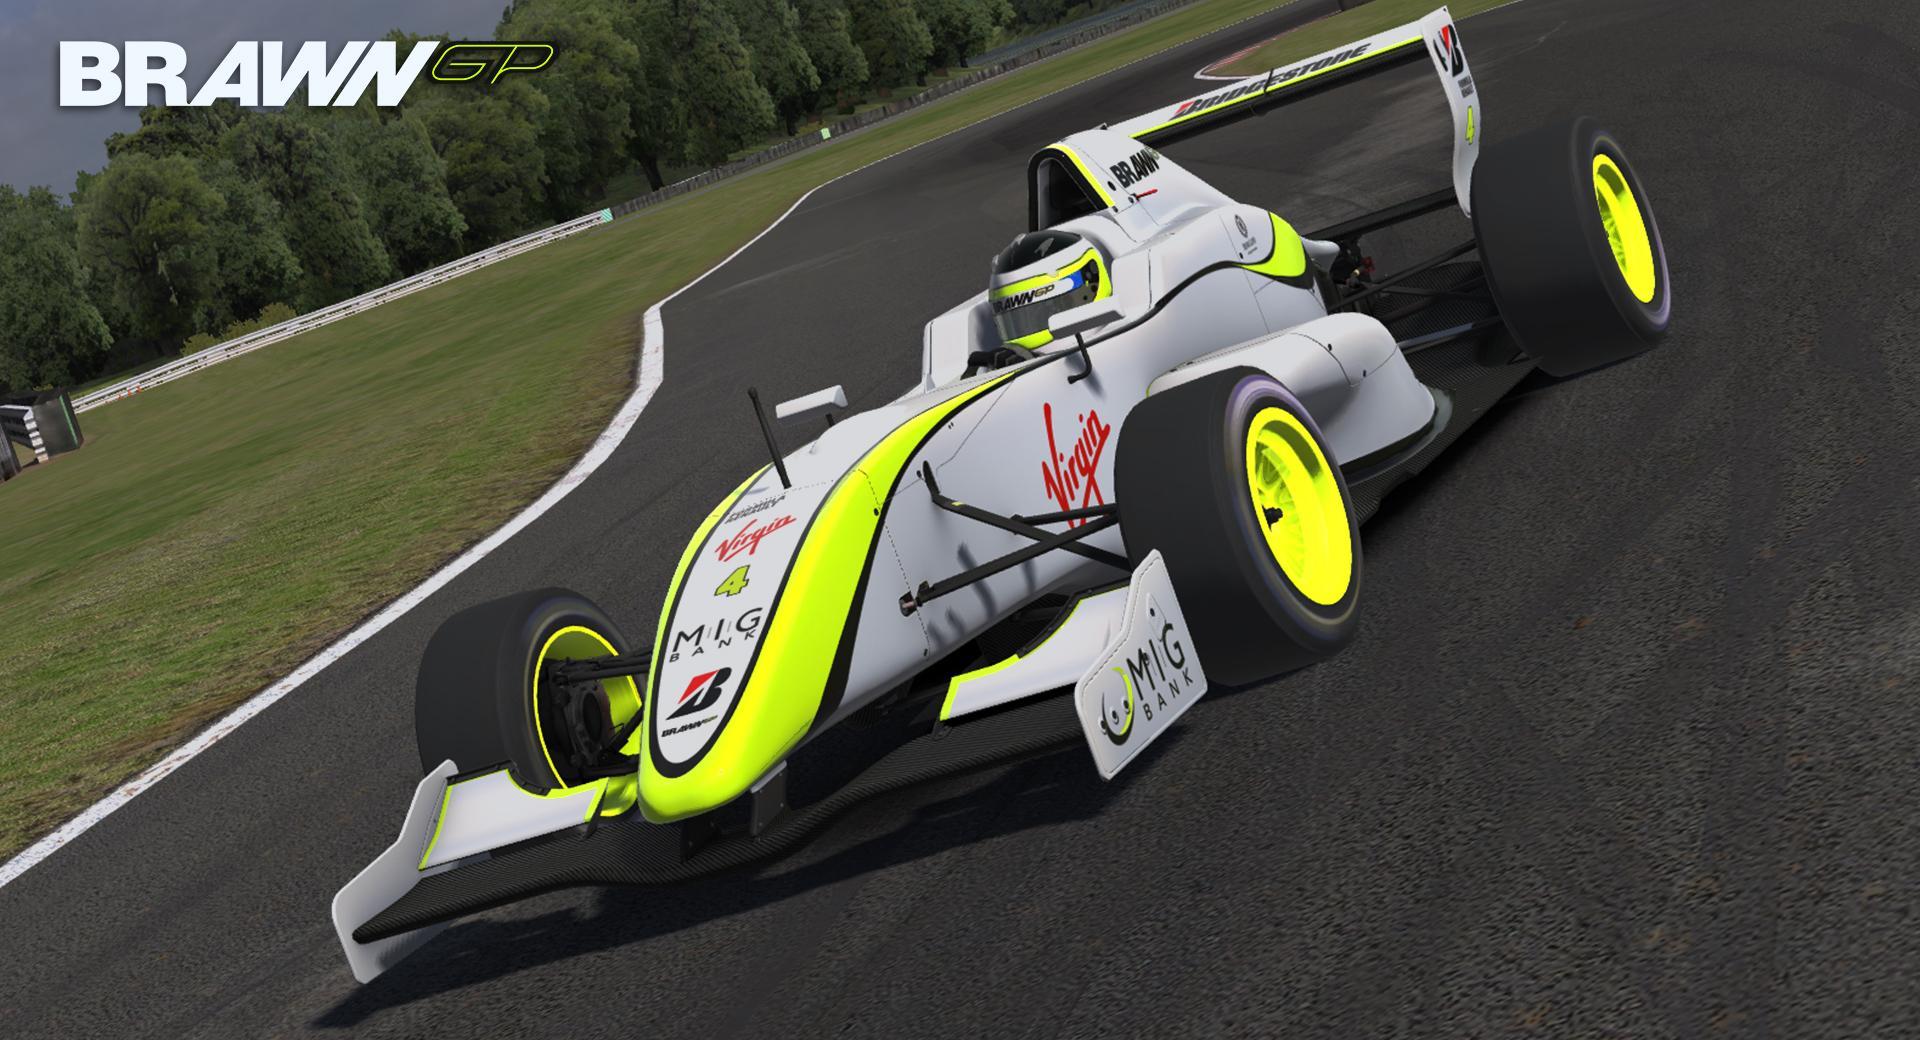 Preview of Brawn GP BGP 001 by Justin S Davis